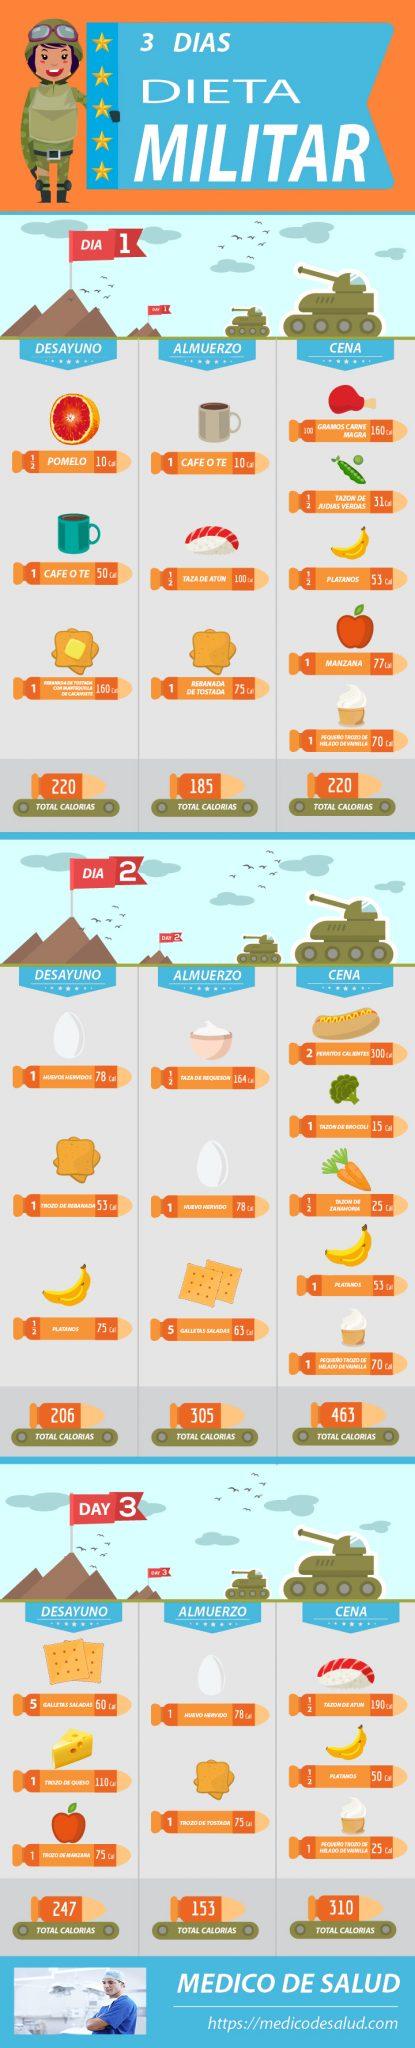 Menus dieta militar